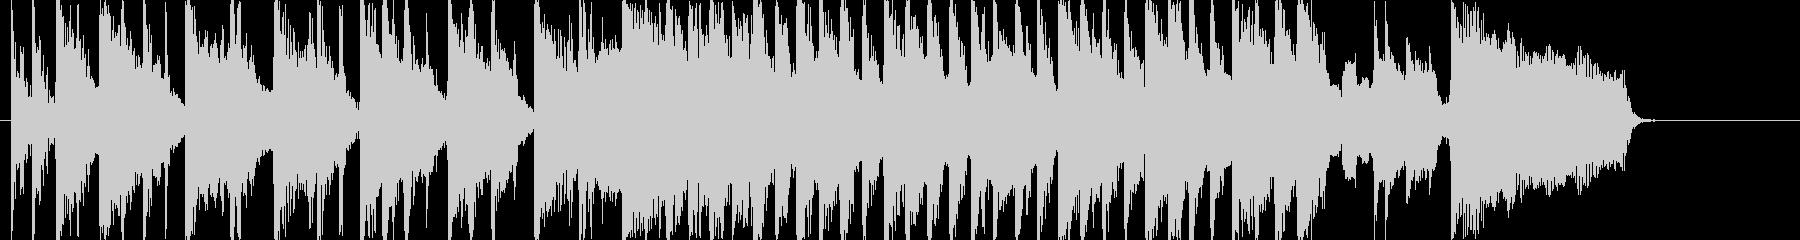 ビートルズ風ミドルロック音源の未再生の波形